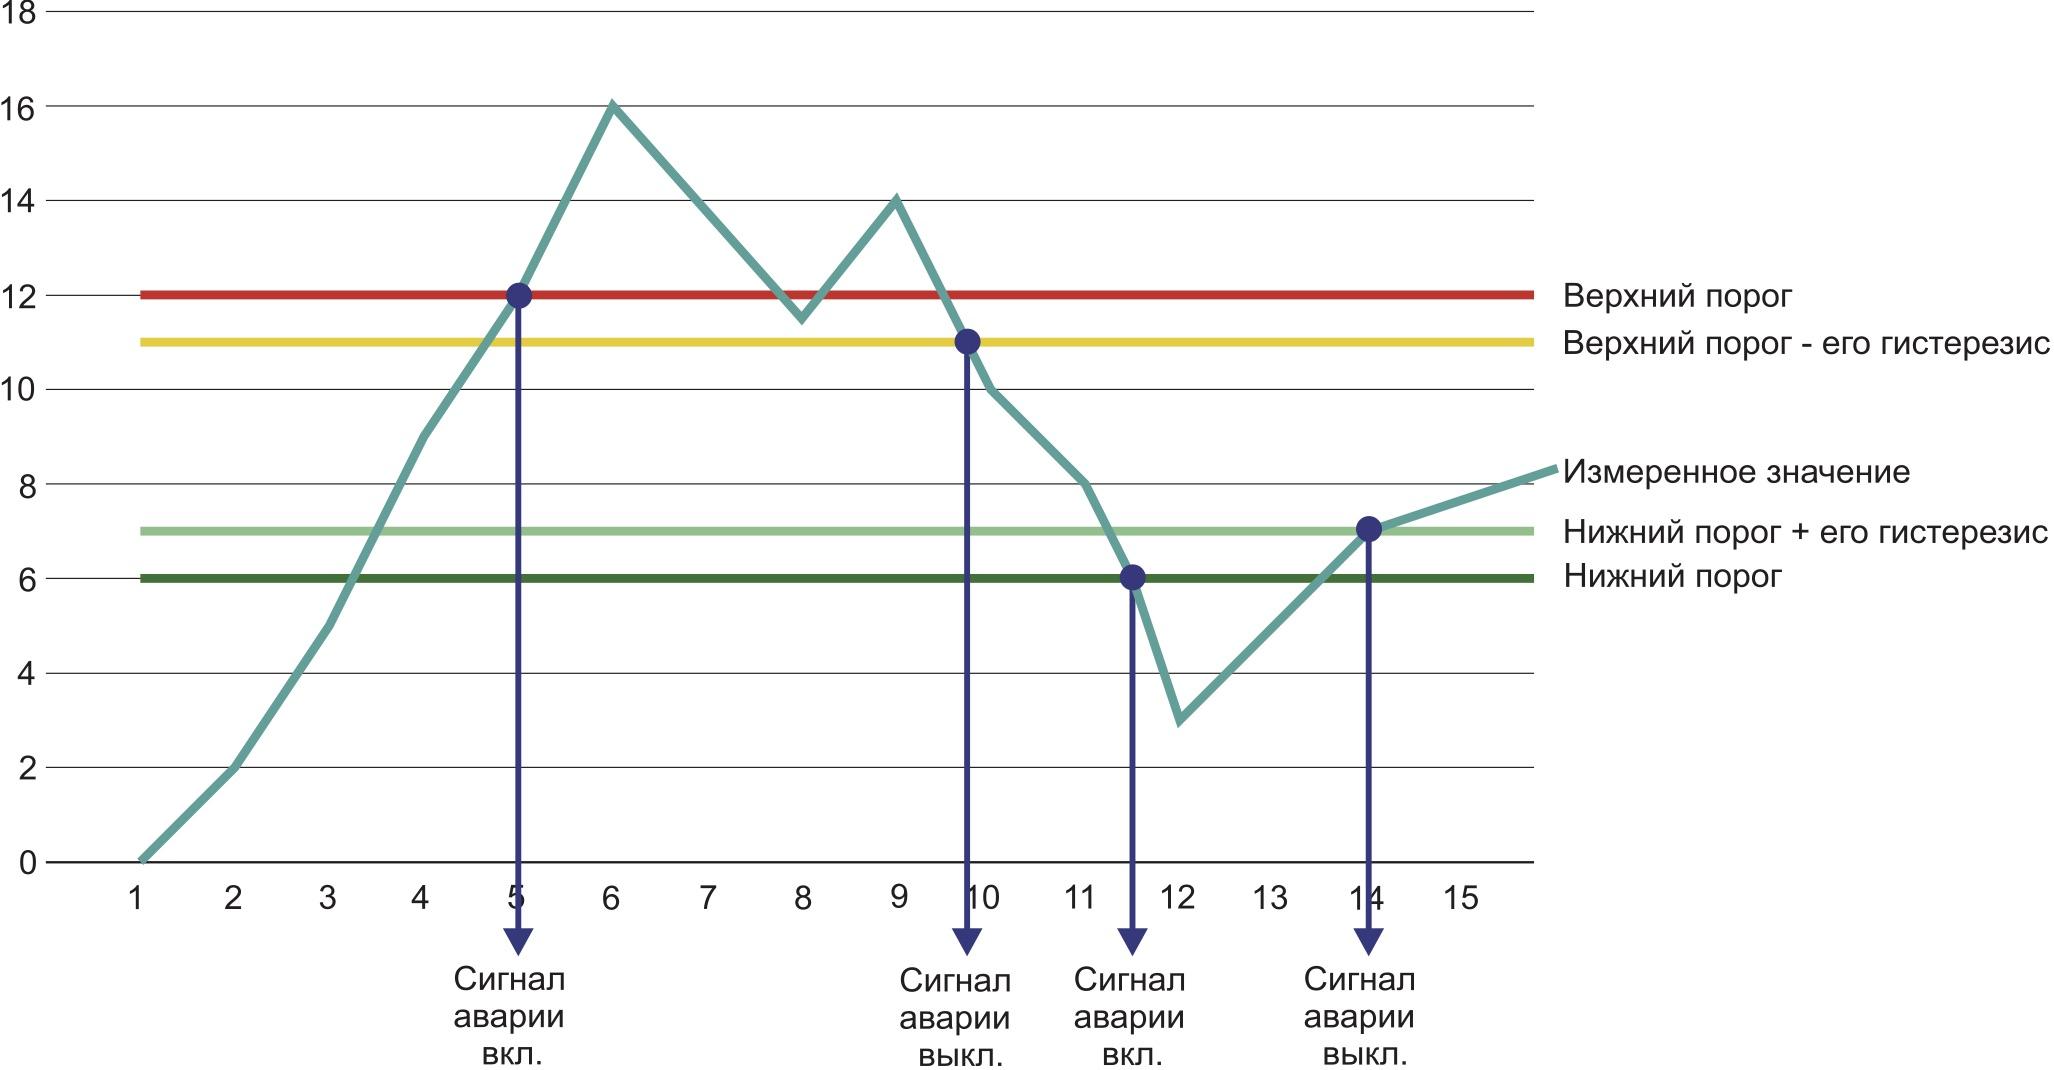 Графическое представление способа мониторинга по изменению состояния